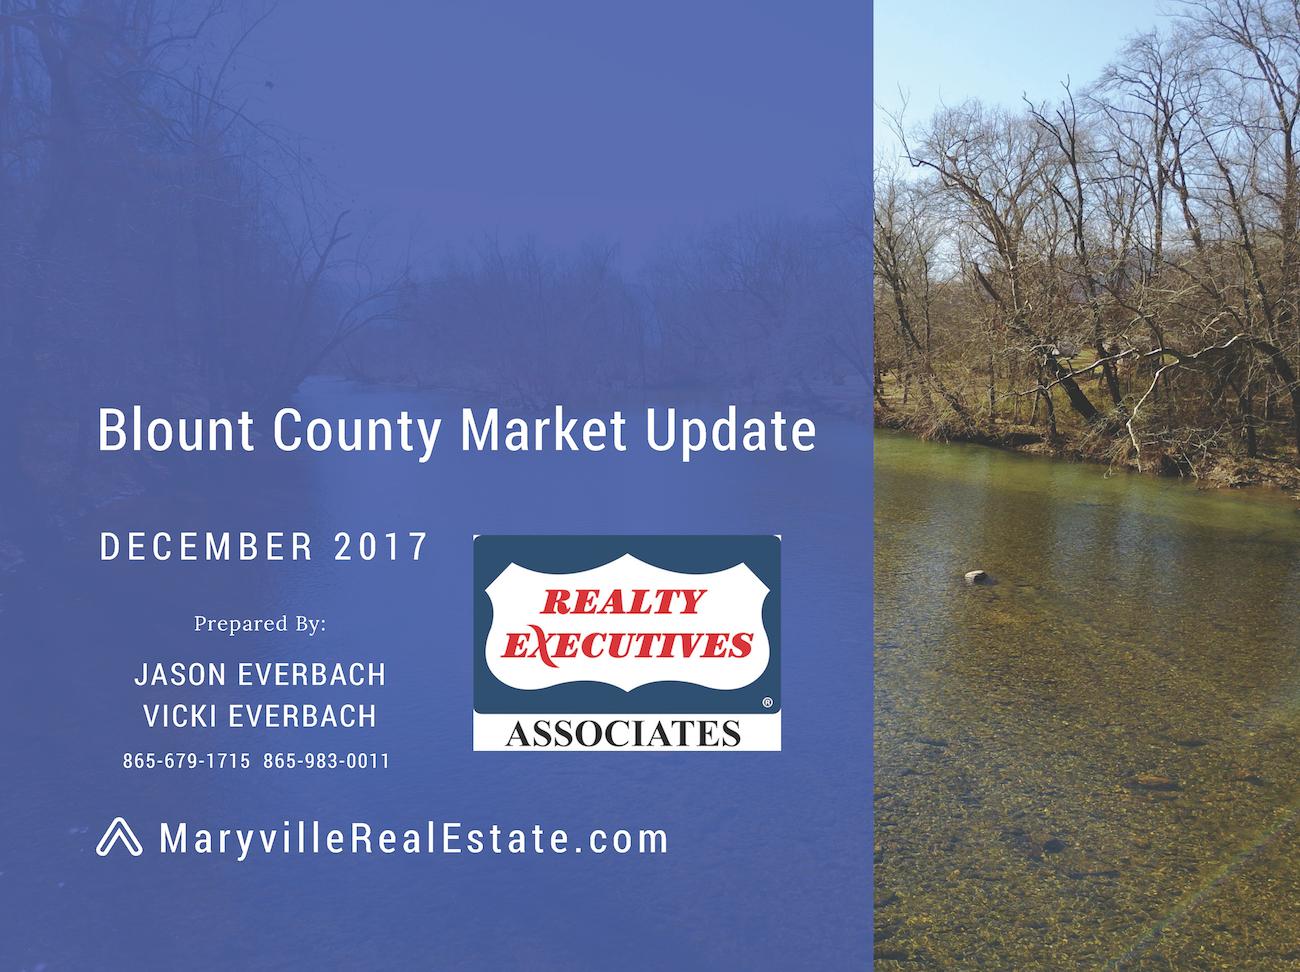 December 2017 Blount County Market Update